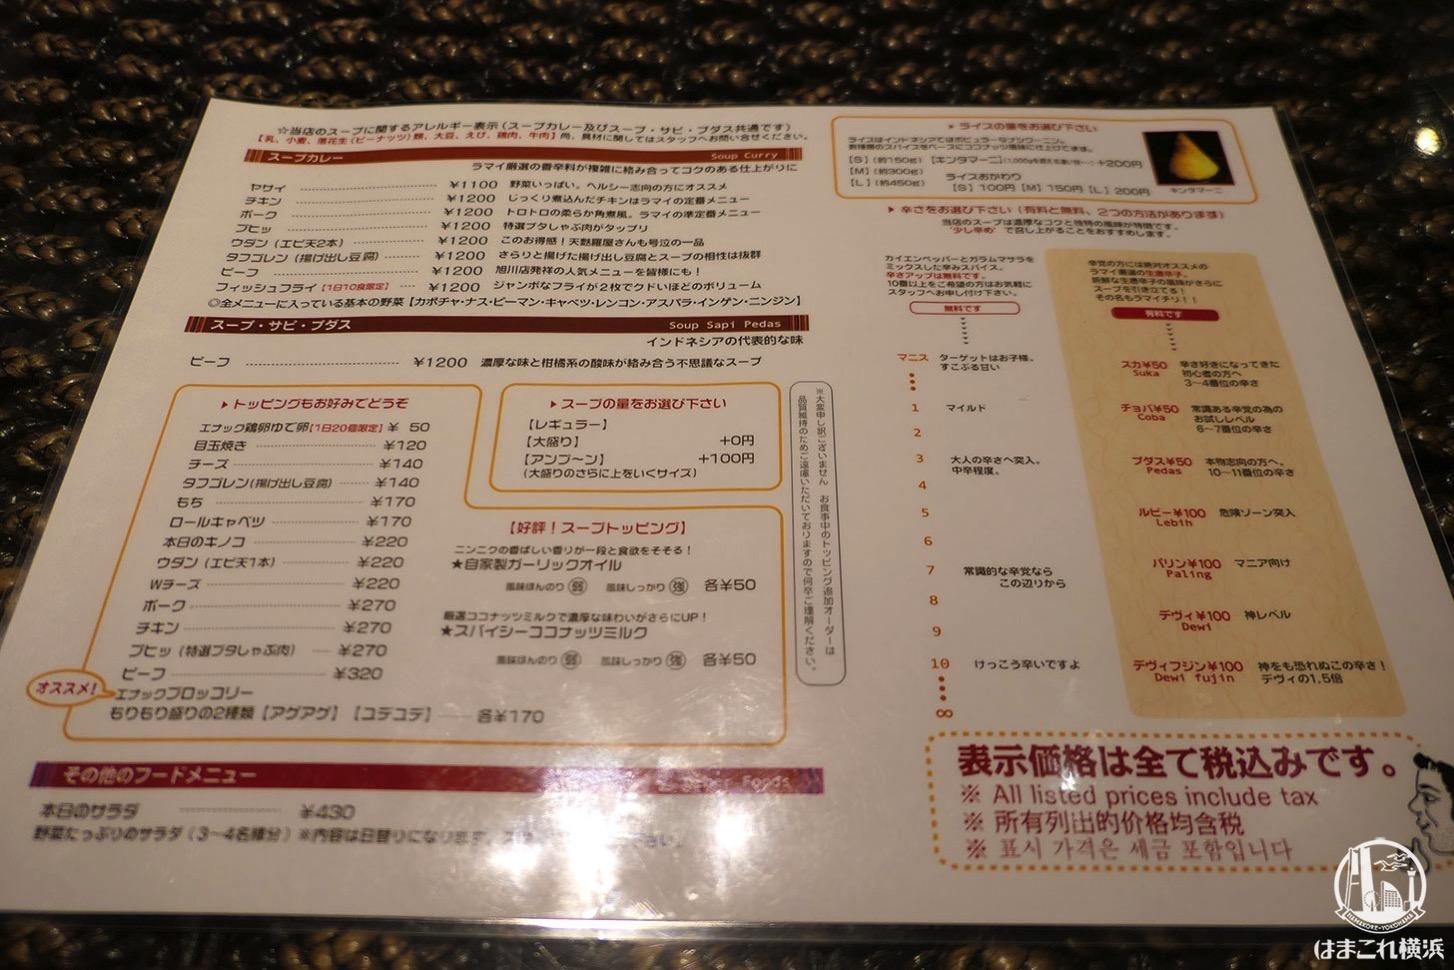 ラマイ 伊勢佐木モール店 メニュー